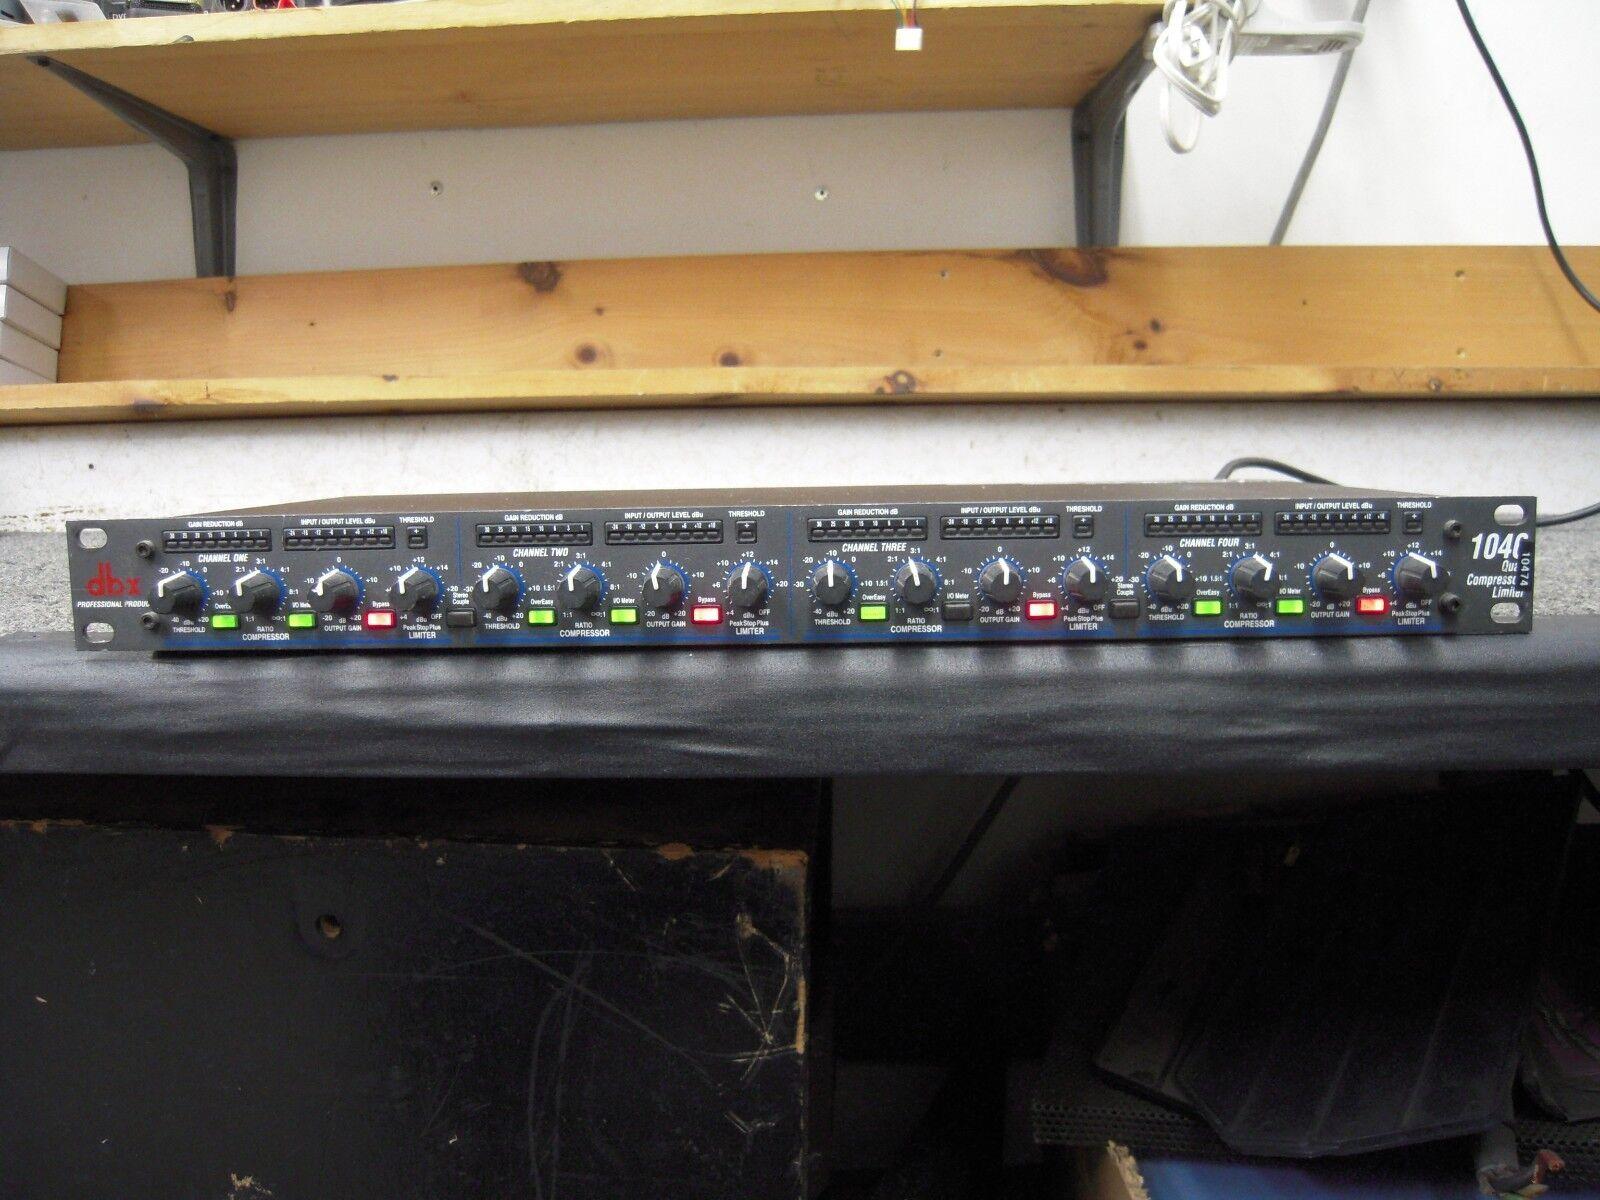 DBX 1046 4 Canales Canales Canales Compresor limitador-Cuatro Canales fdea94